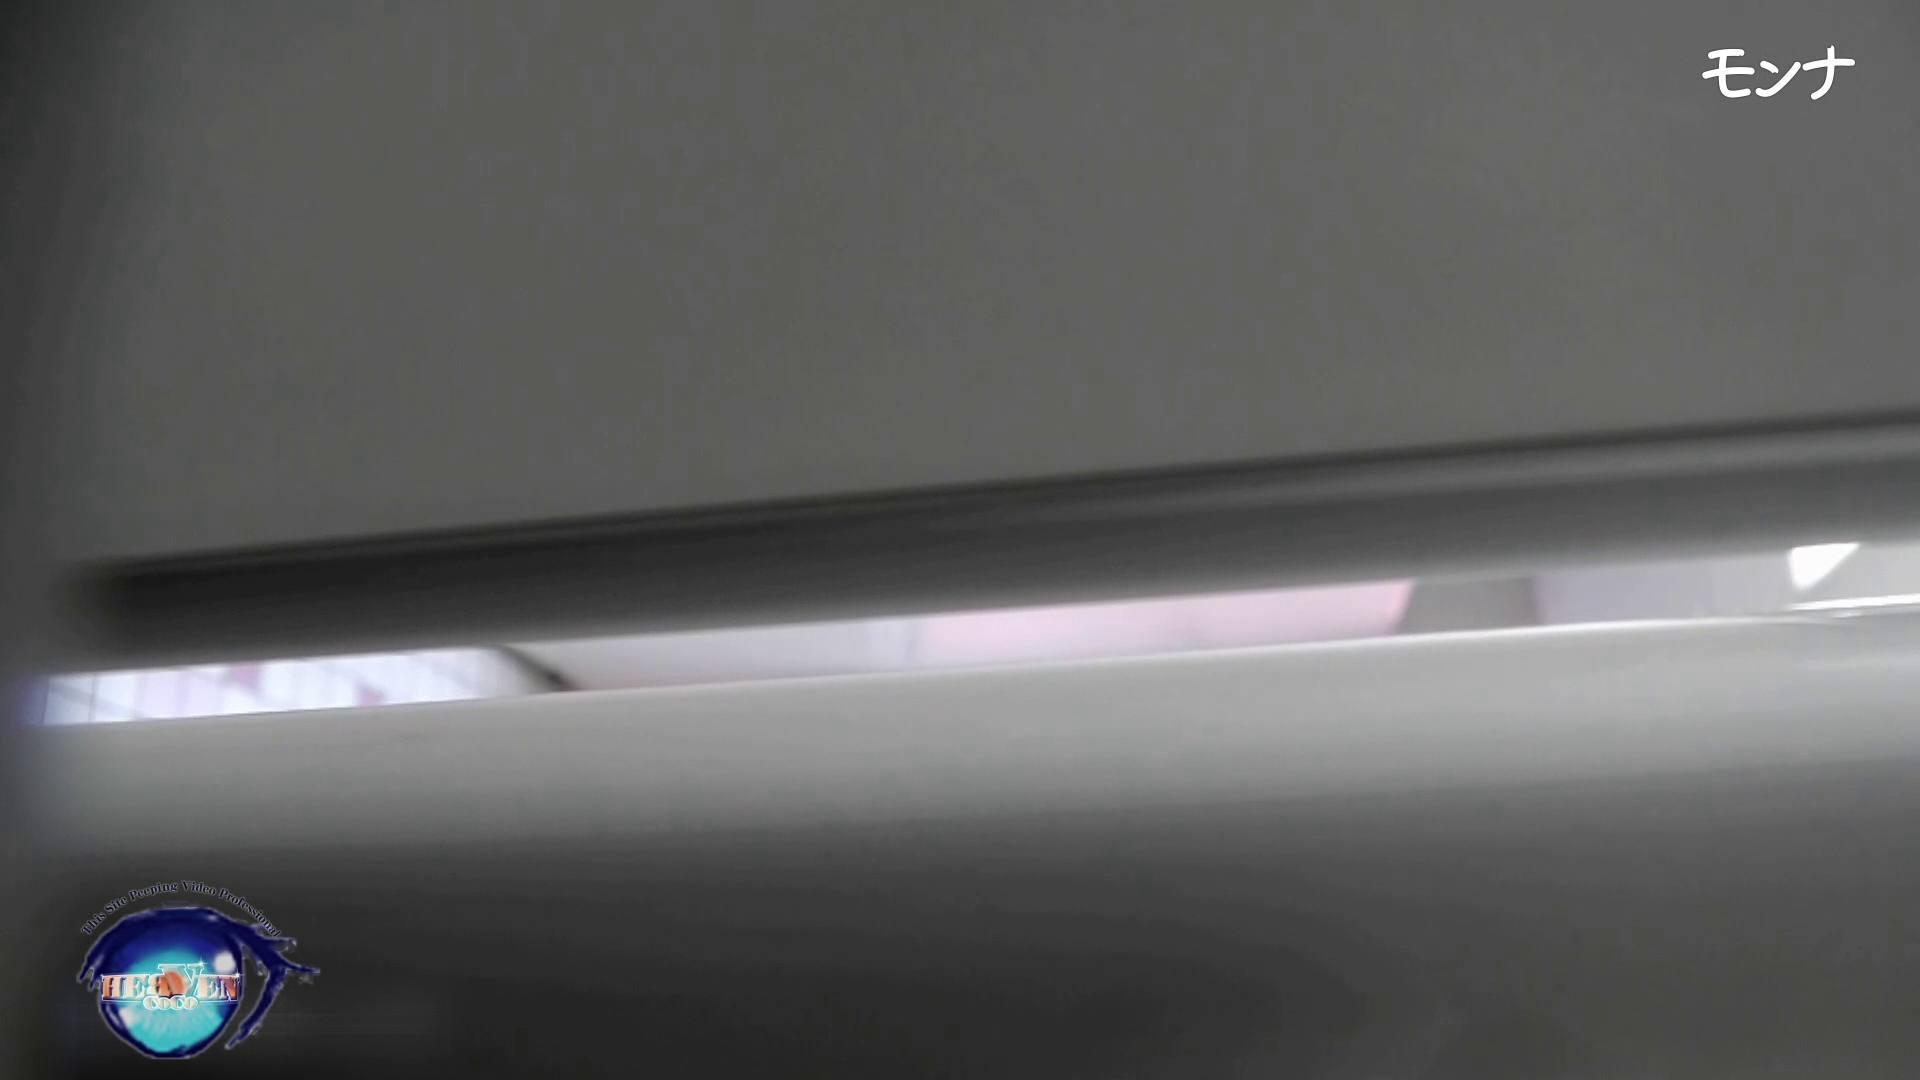 【美しい日本の未来】美しい日本の未来 No.75 たまらないくびれ 2 生え茂る 覗き ヌード画像 70pic 39